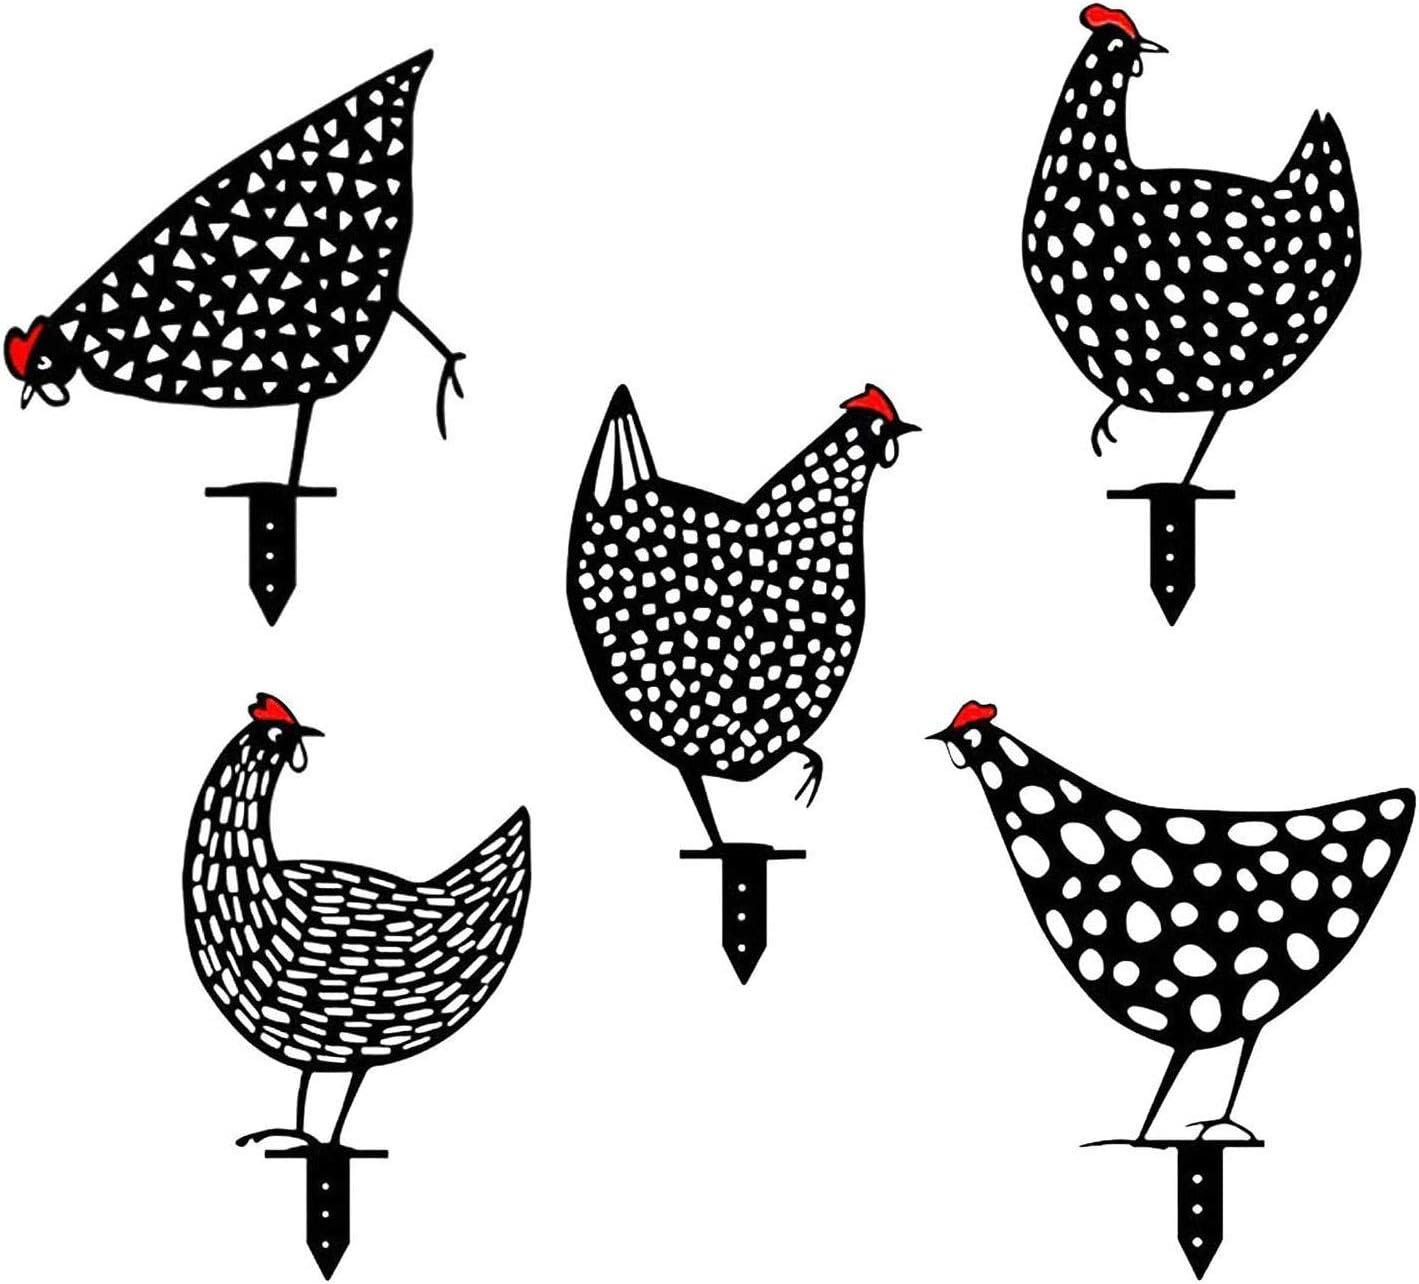 Thermohealth Divertida decoraci/ón de jard/ín 5 unidades 5 unidades gallo y gallina figuras de jard/ín para exteriores enanos de jard/ín decoraci/ón para exteriores